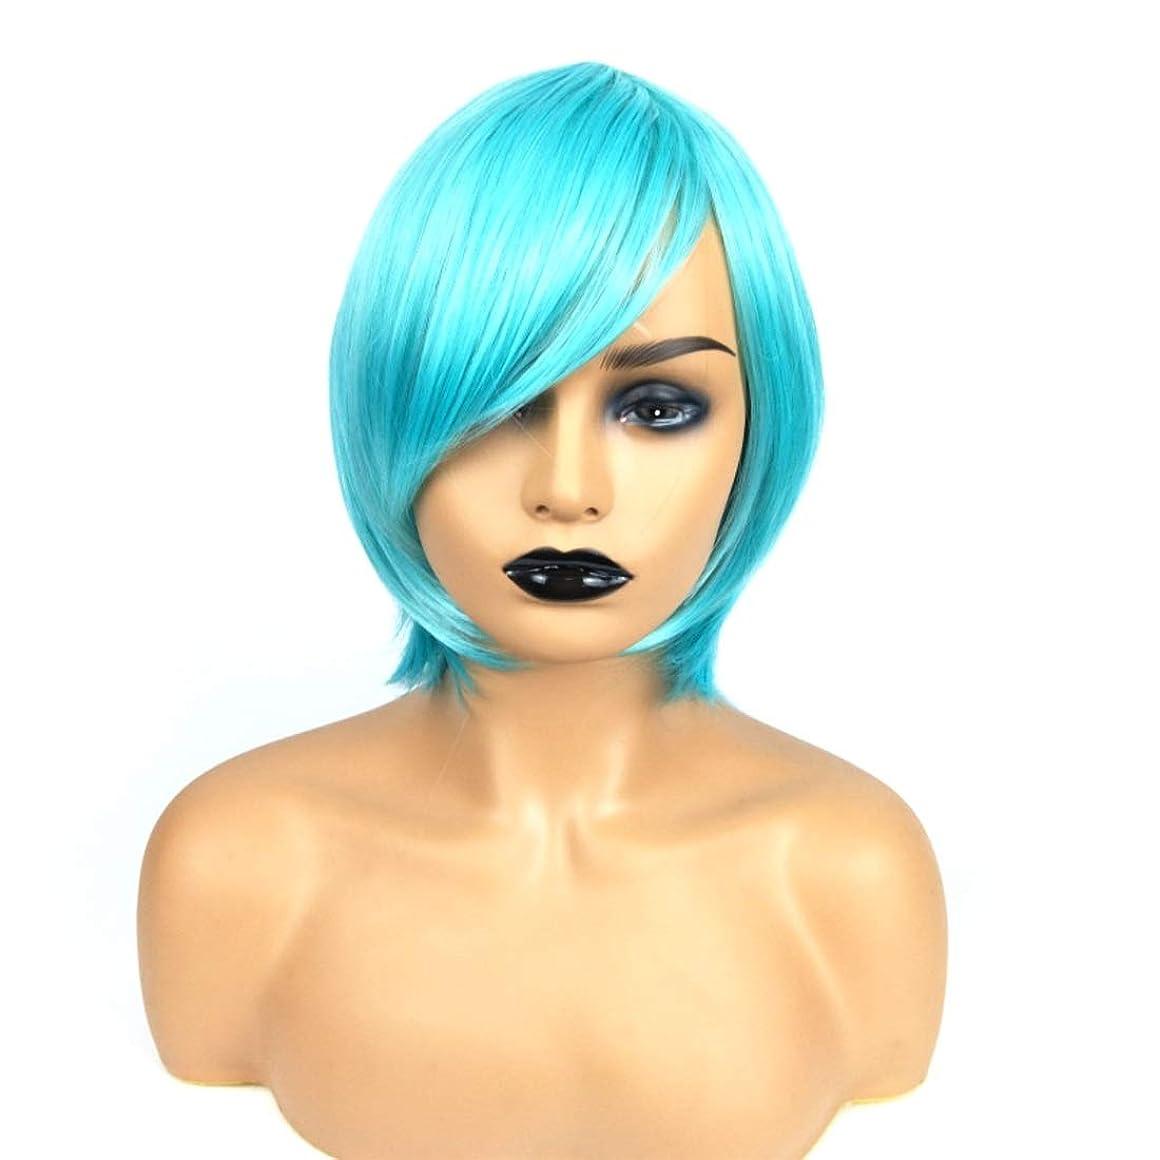 低い店員住人Summerys ライトブルーのショートストレートヘアショートボブヘアウィッグストレート前髪と女性用